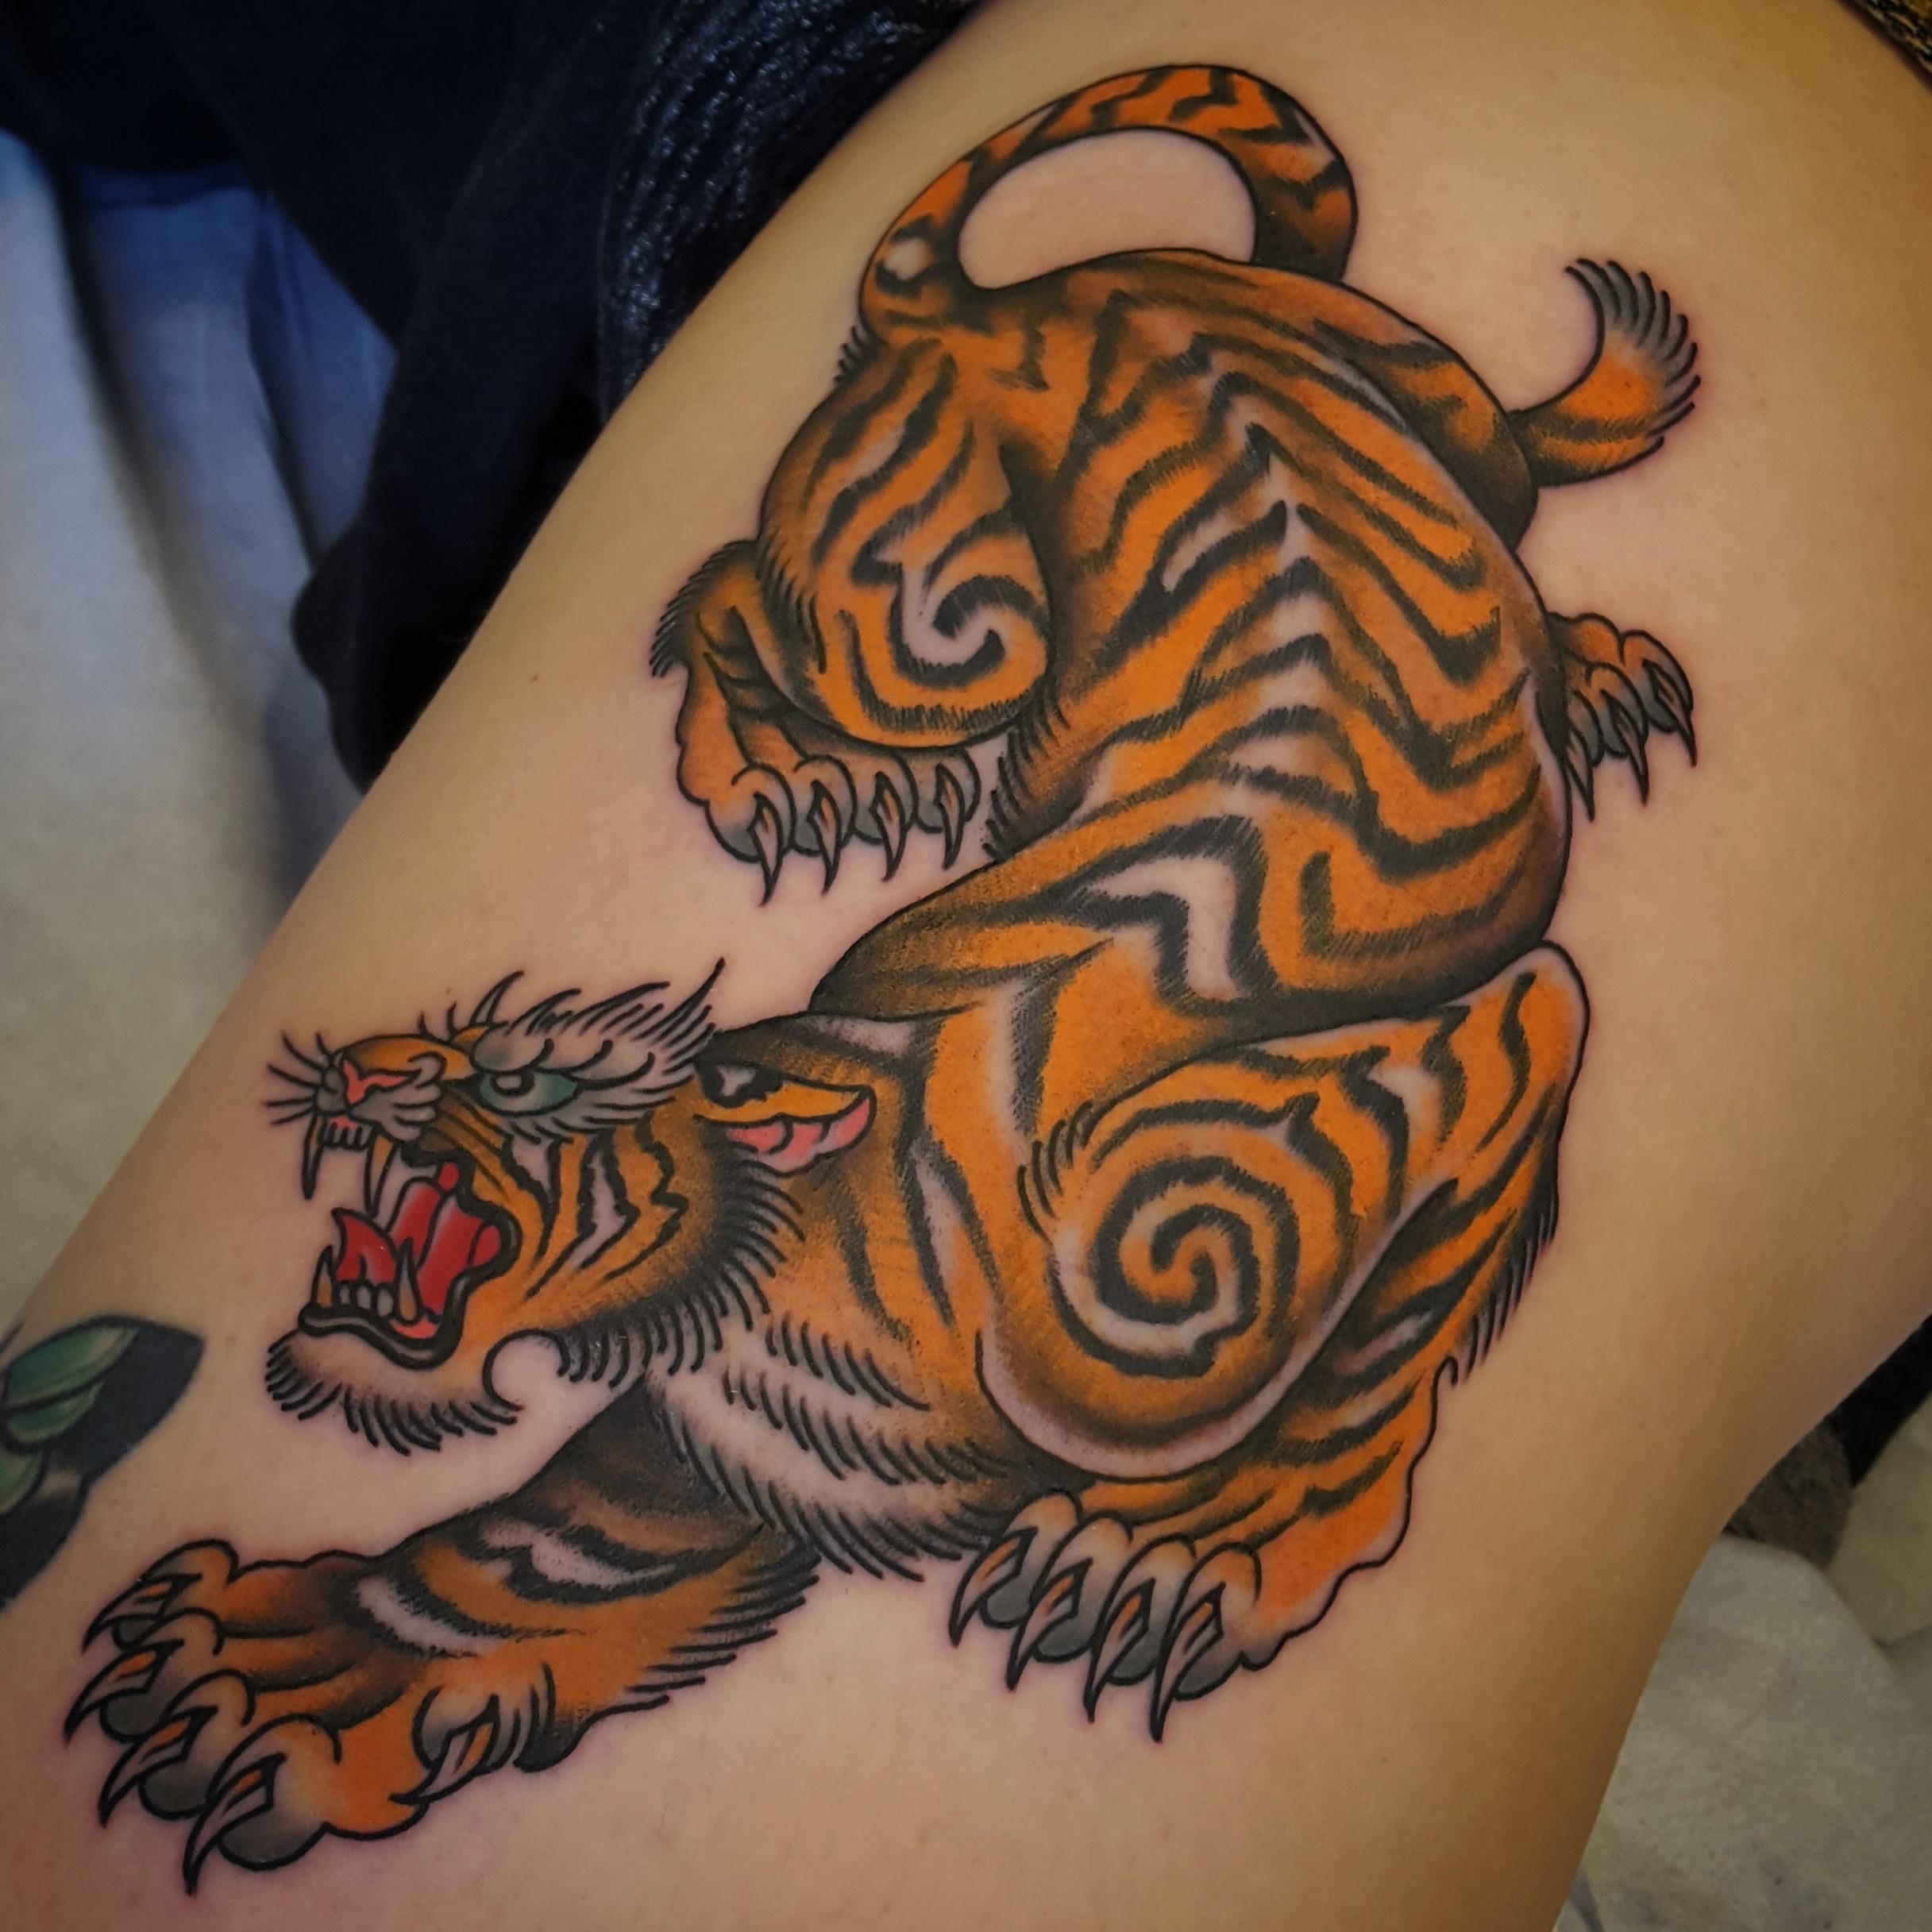 Frank Grimes Tattoo 2019 Okanagan Tattoo Show & Brewfest Artist